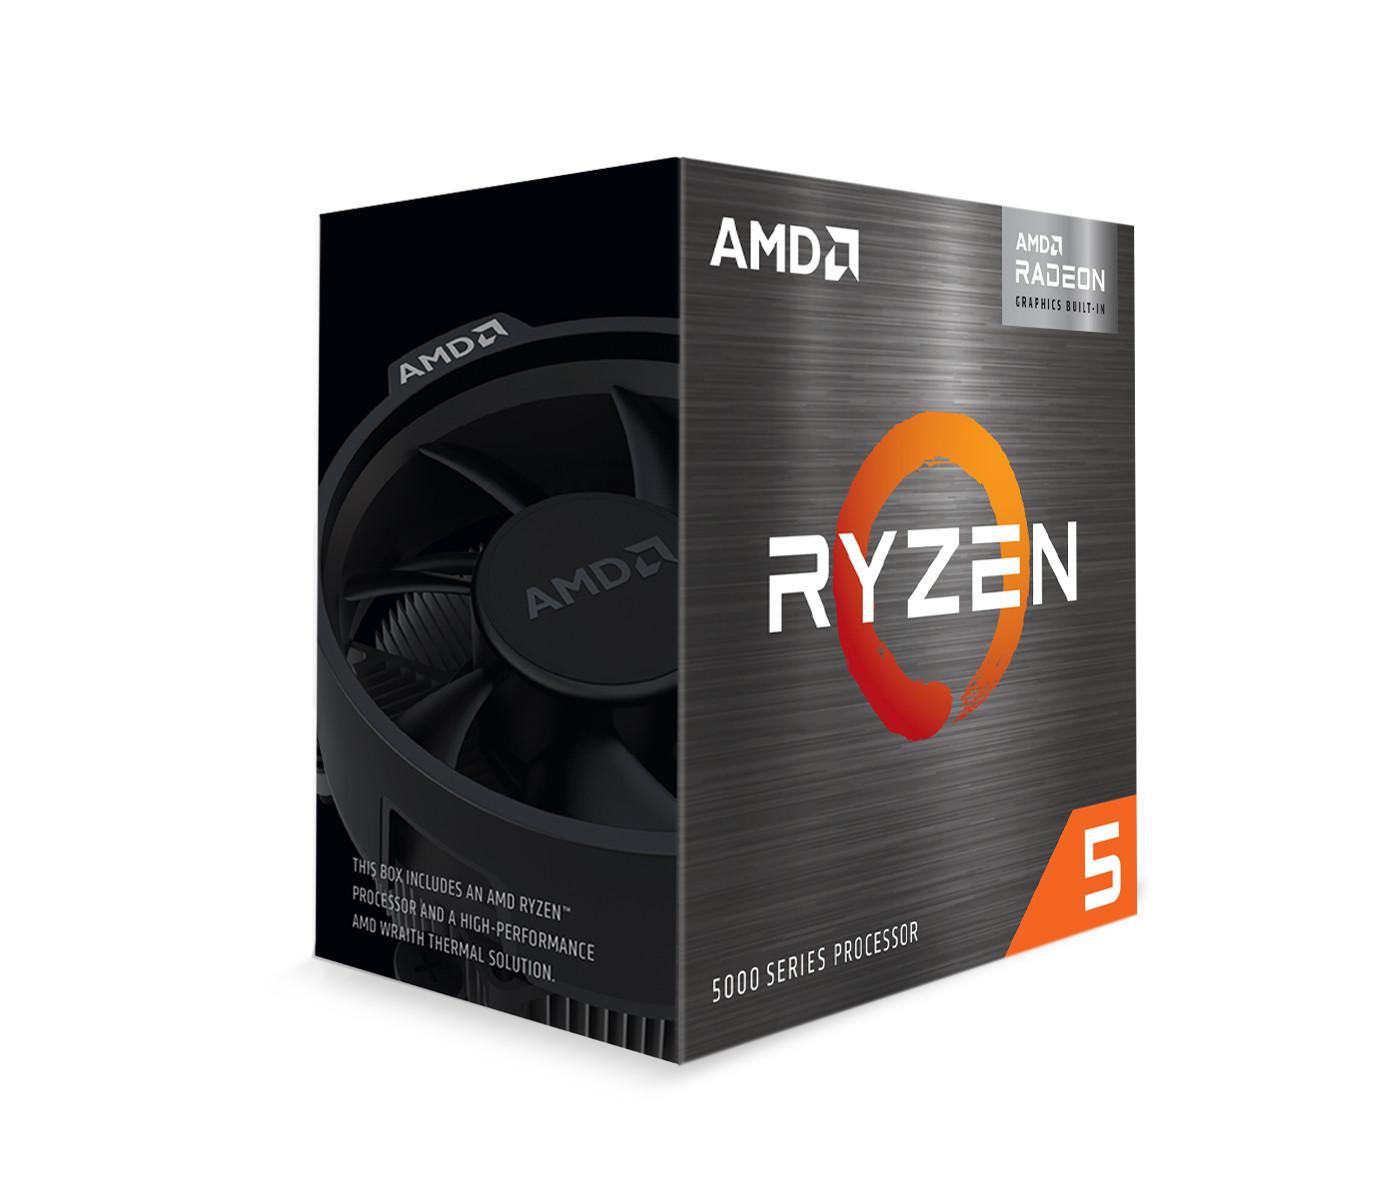 CPU AMD Ryzen 5 5600G (3.9GHz boost 4.4GHz, 6 nhân 12 luồng, 19MB Cache, 65W, Socket AM4)